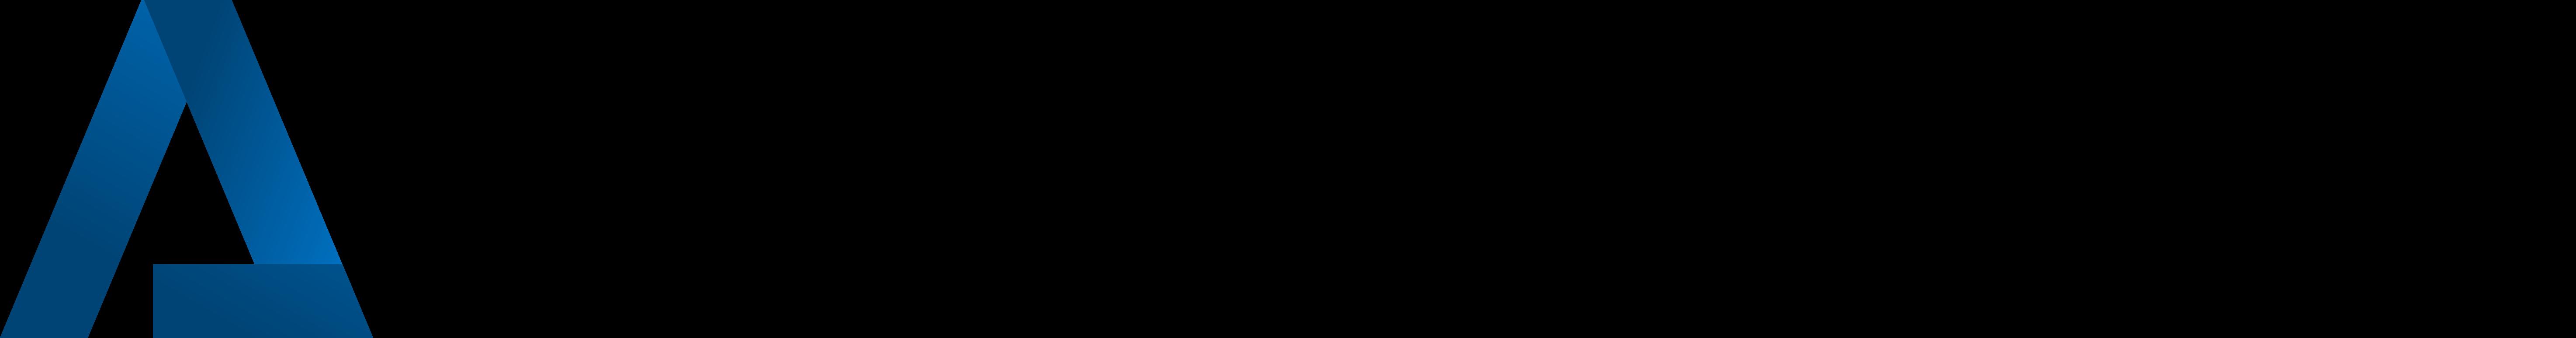 Acura Surround